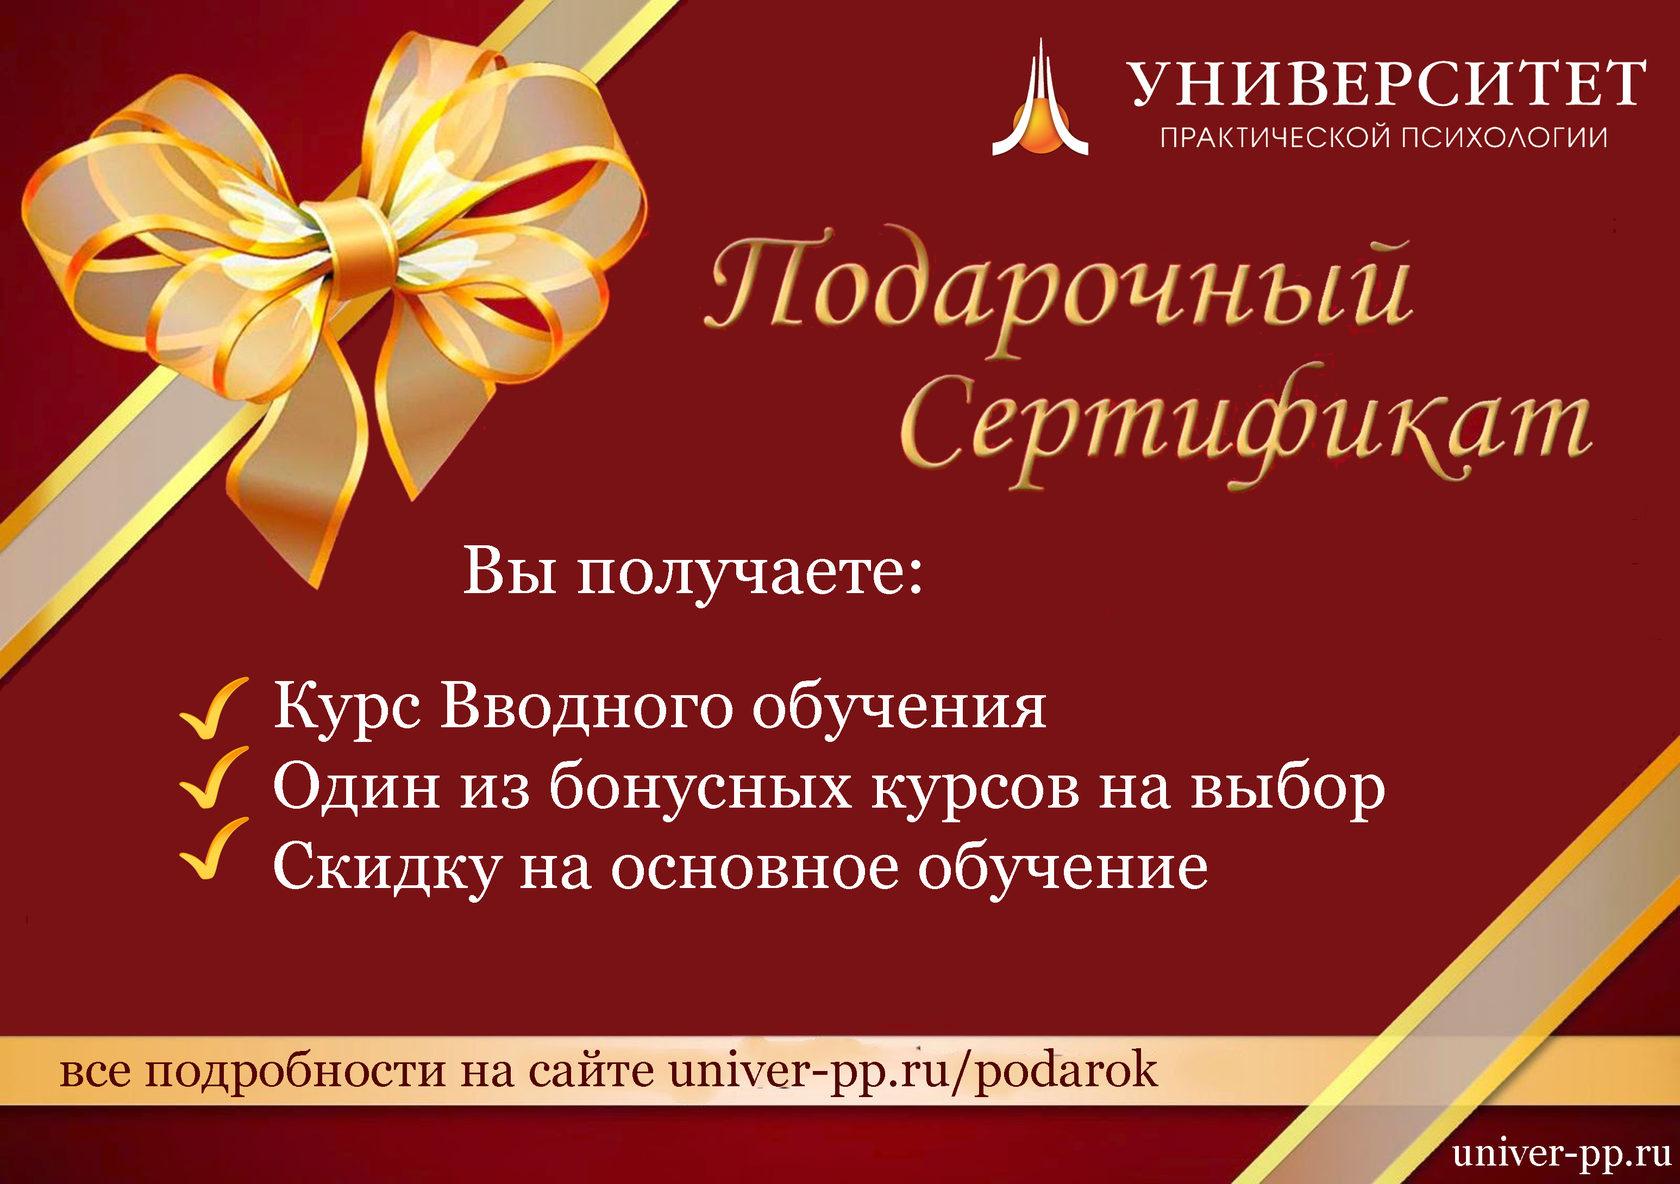 Психолог обучение москва бесплатно обучение за рубежом бесплатно гранты